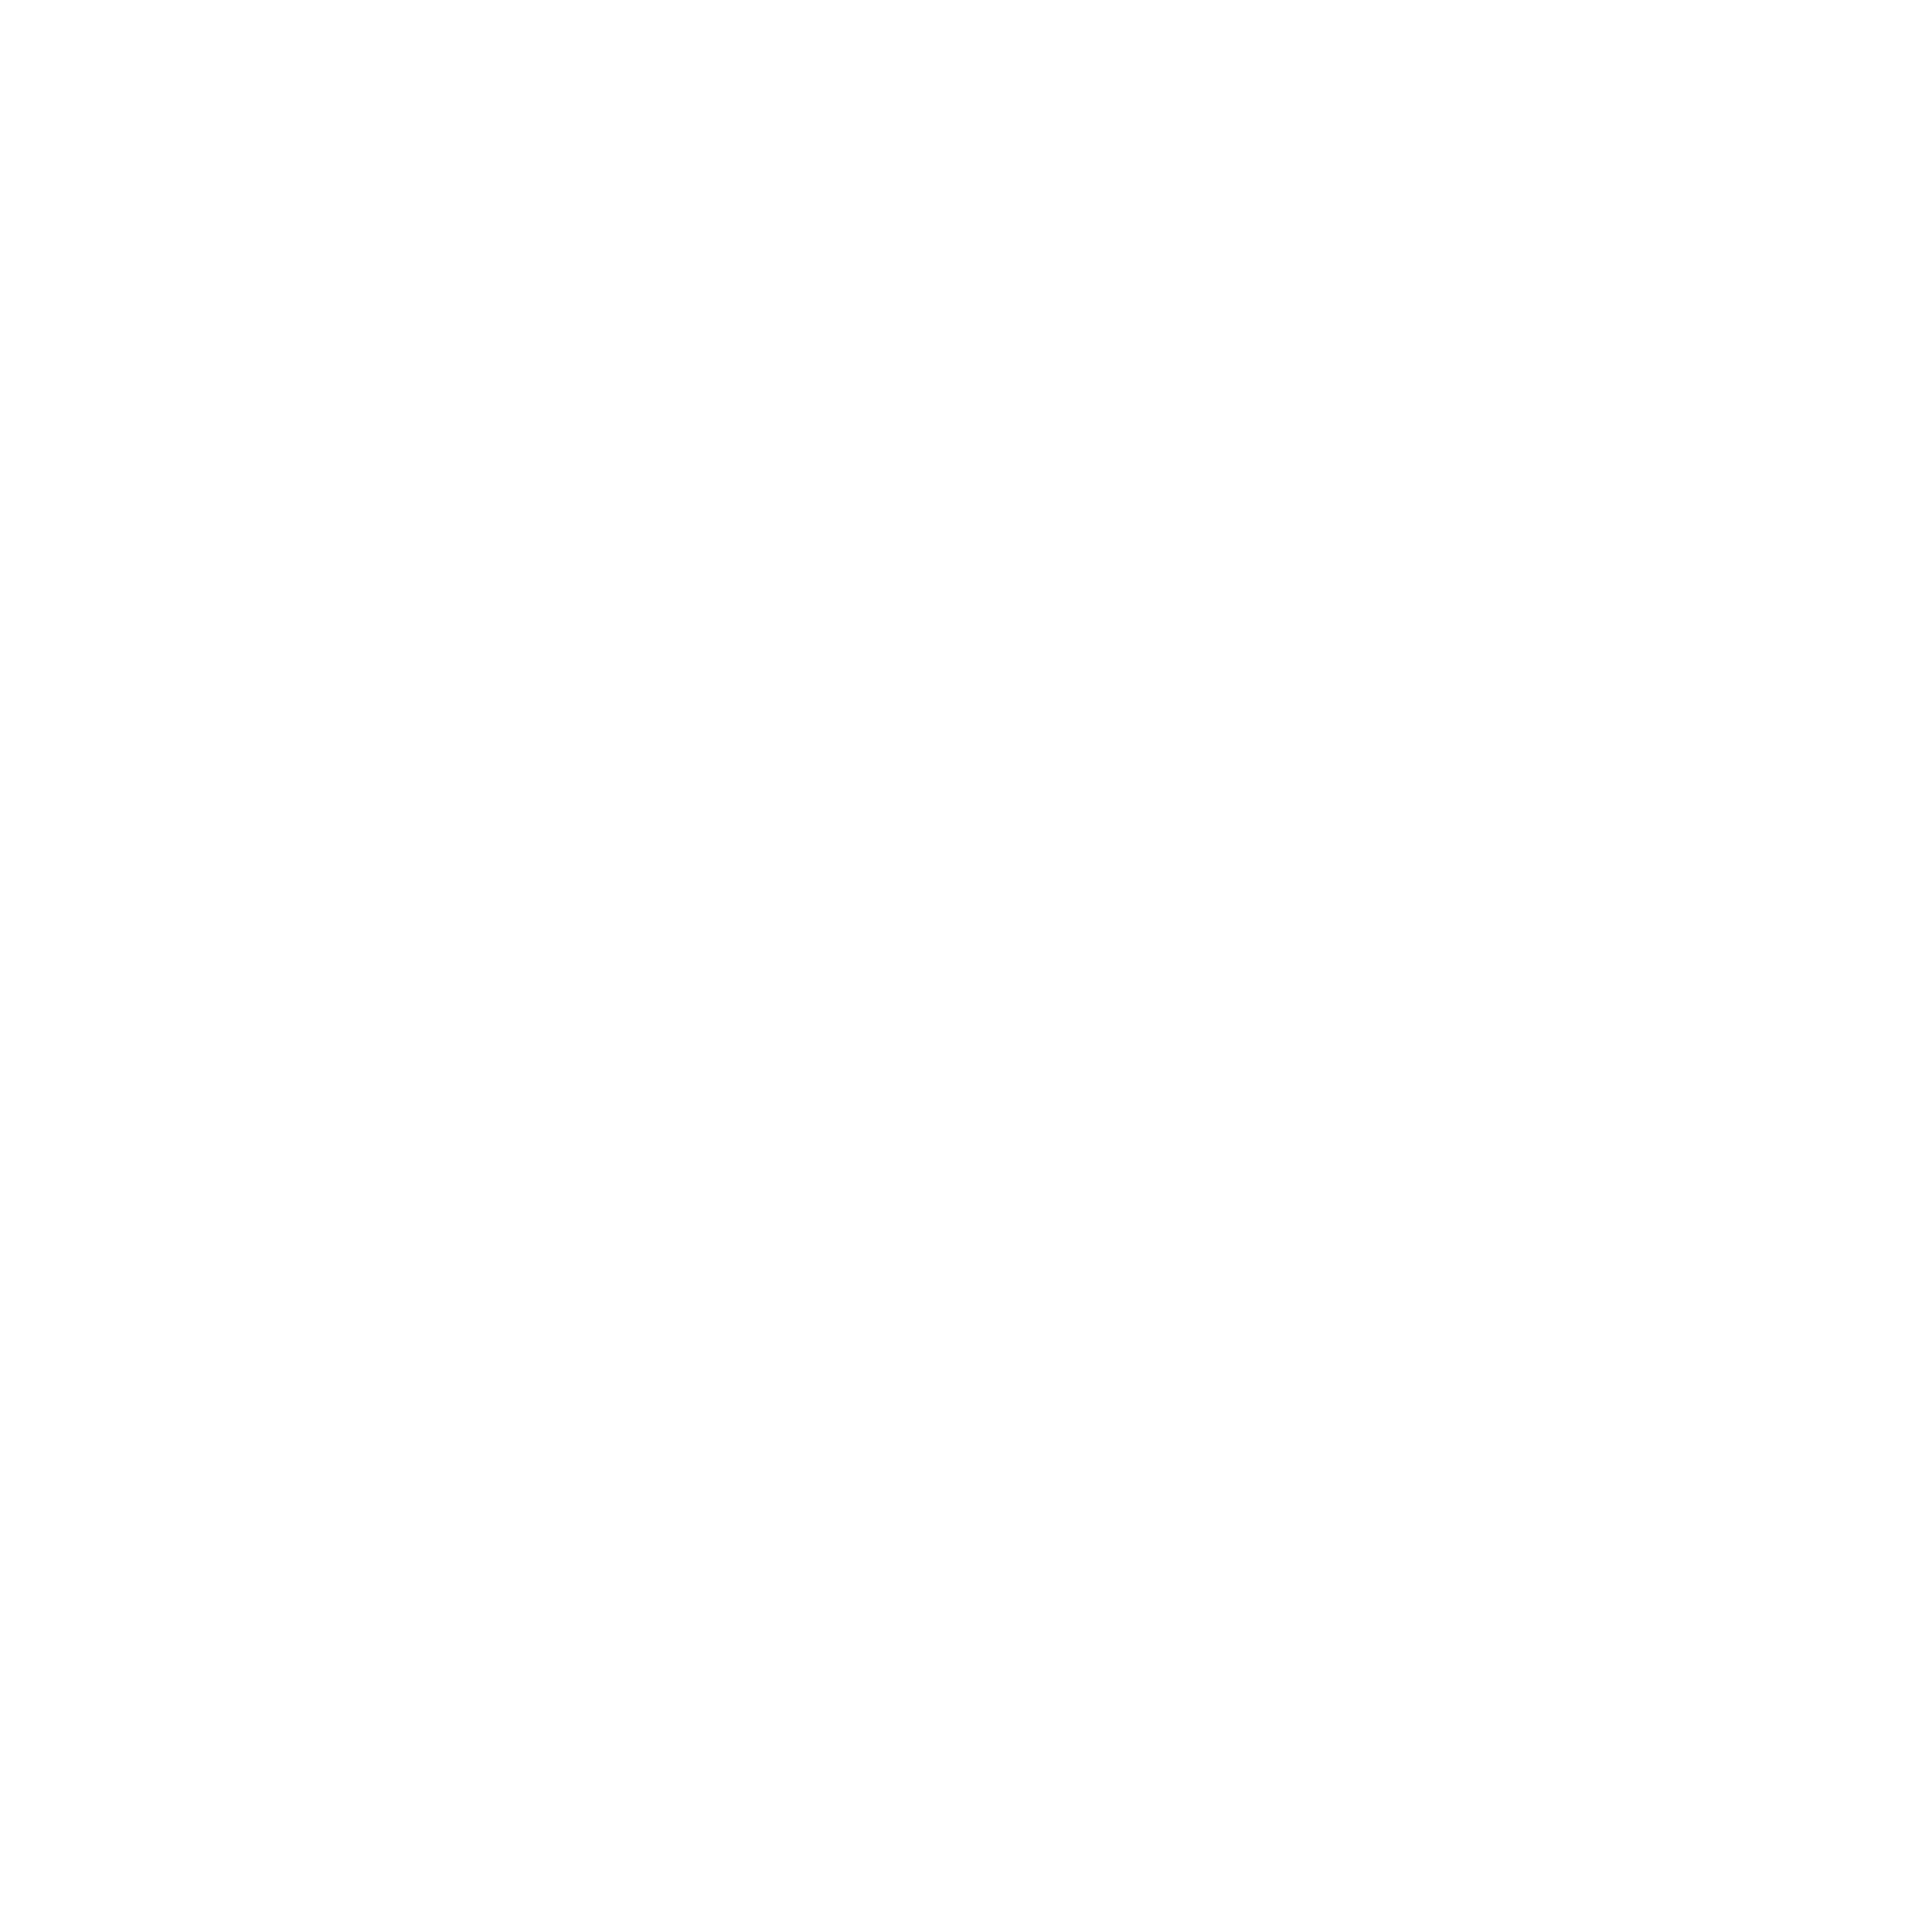 7ТВ (2005-2009) (использовался в эфире до 2007 года)